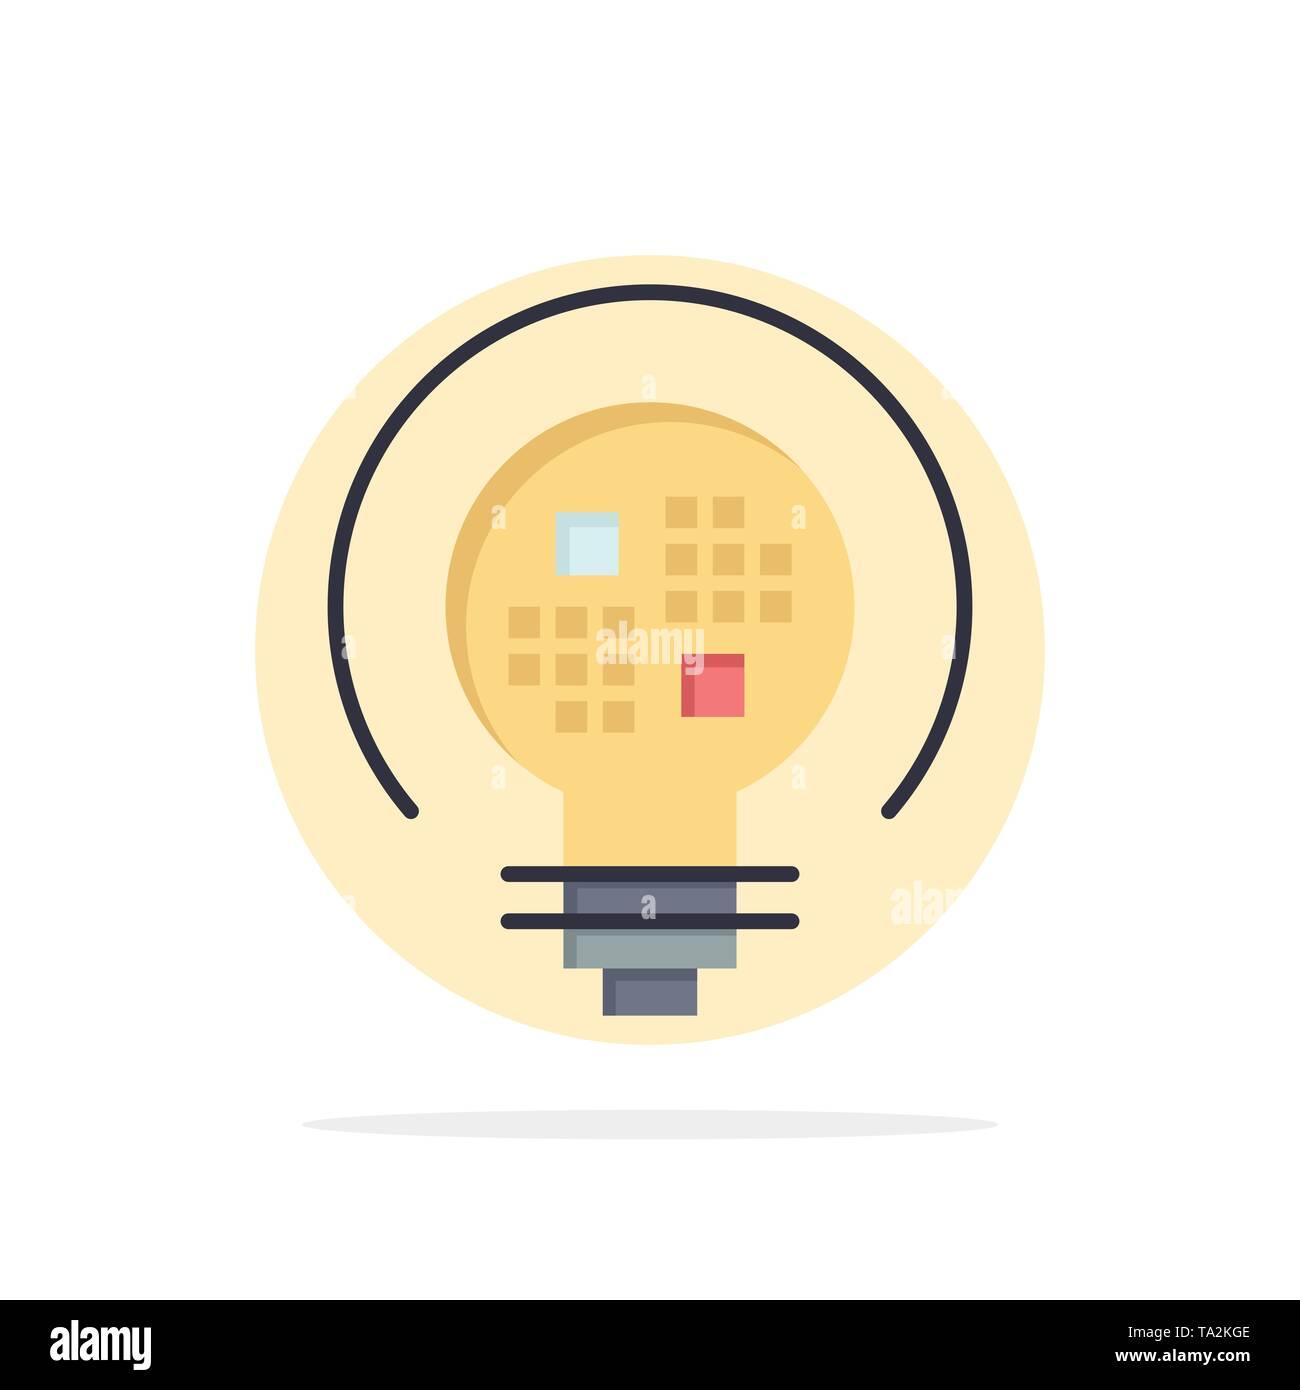 Daten, Insight, Licht, Lampe abstrakten Kreis Hintergrund flachen Farbe Symbol Stockbild